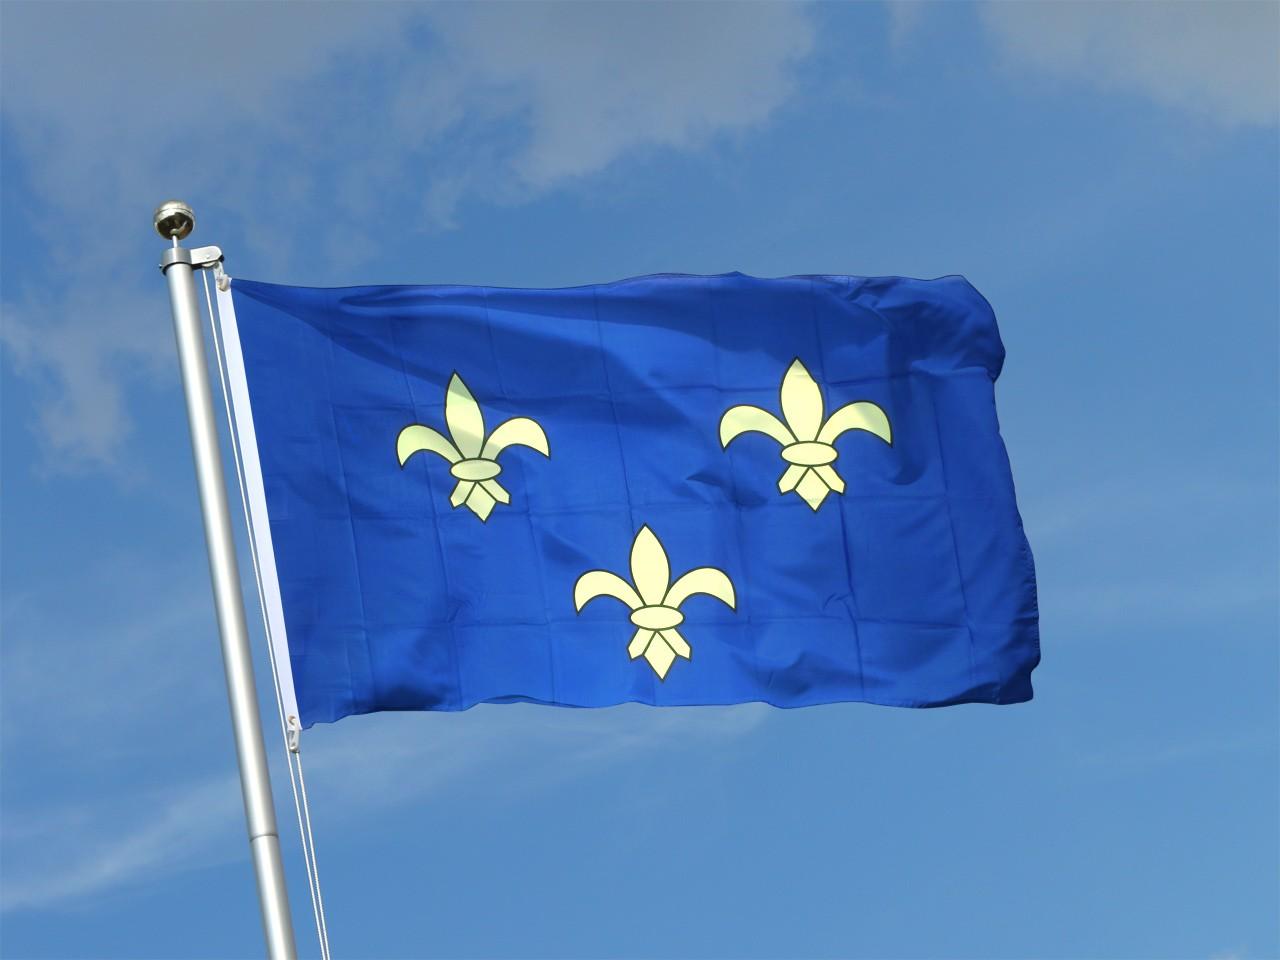 Les spécialités françaises : l'Ile de France